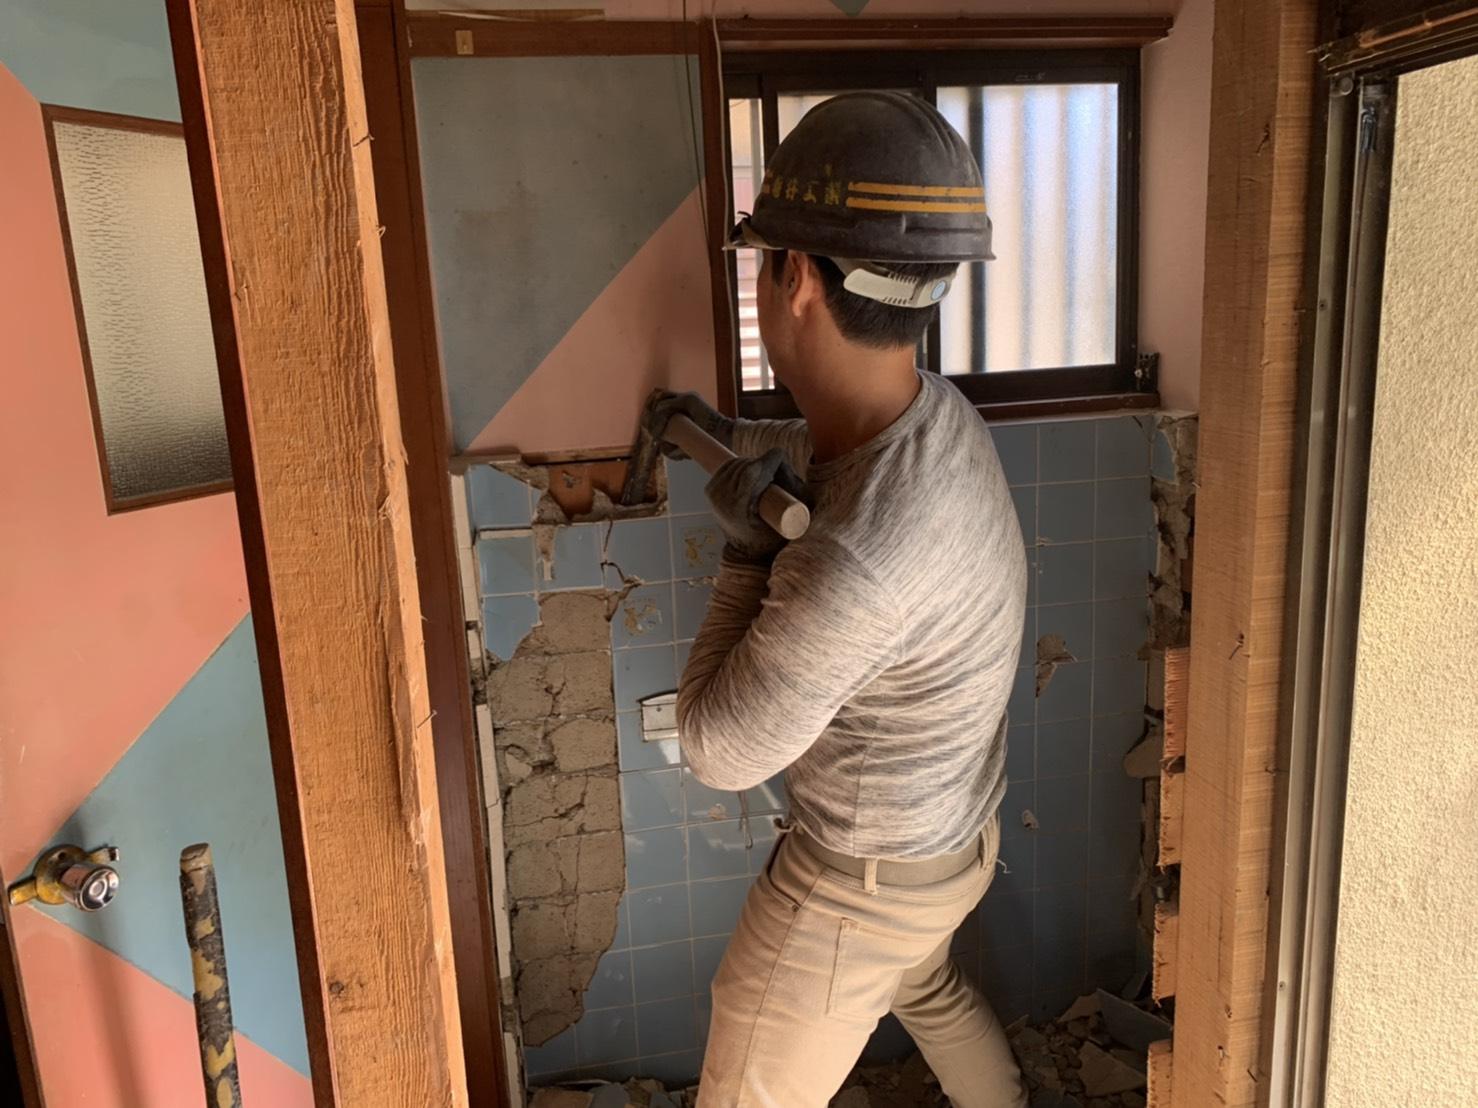 京都市 解体工事 「 滋賀県大津市  木造2階建家屋内部解体工事 」 DAY2